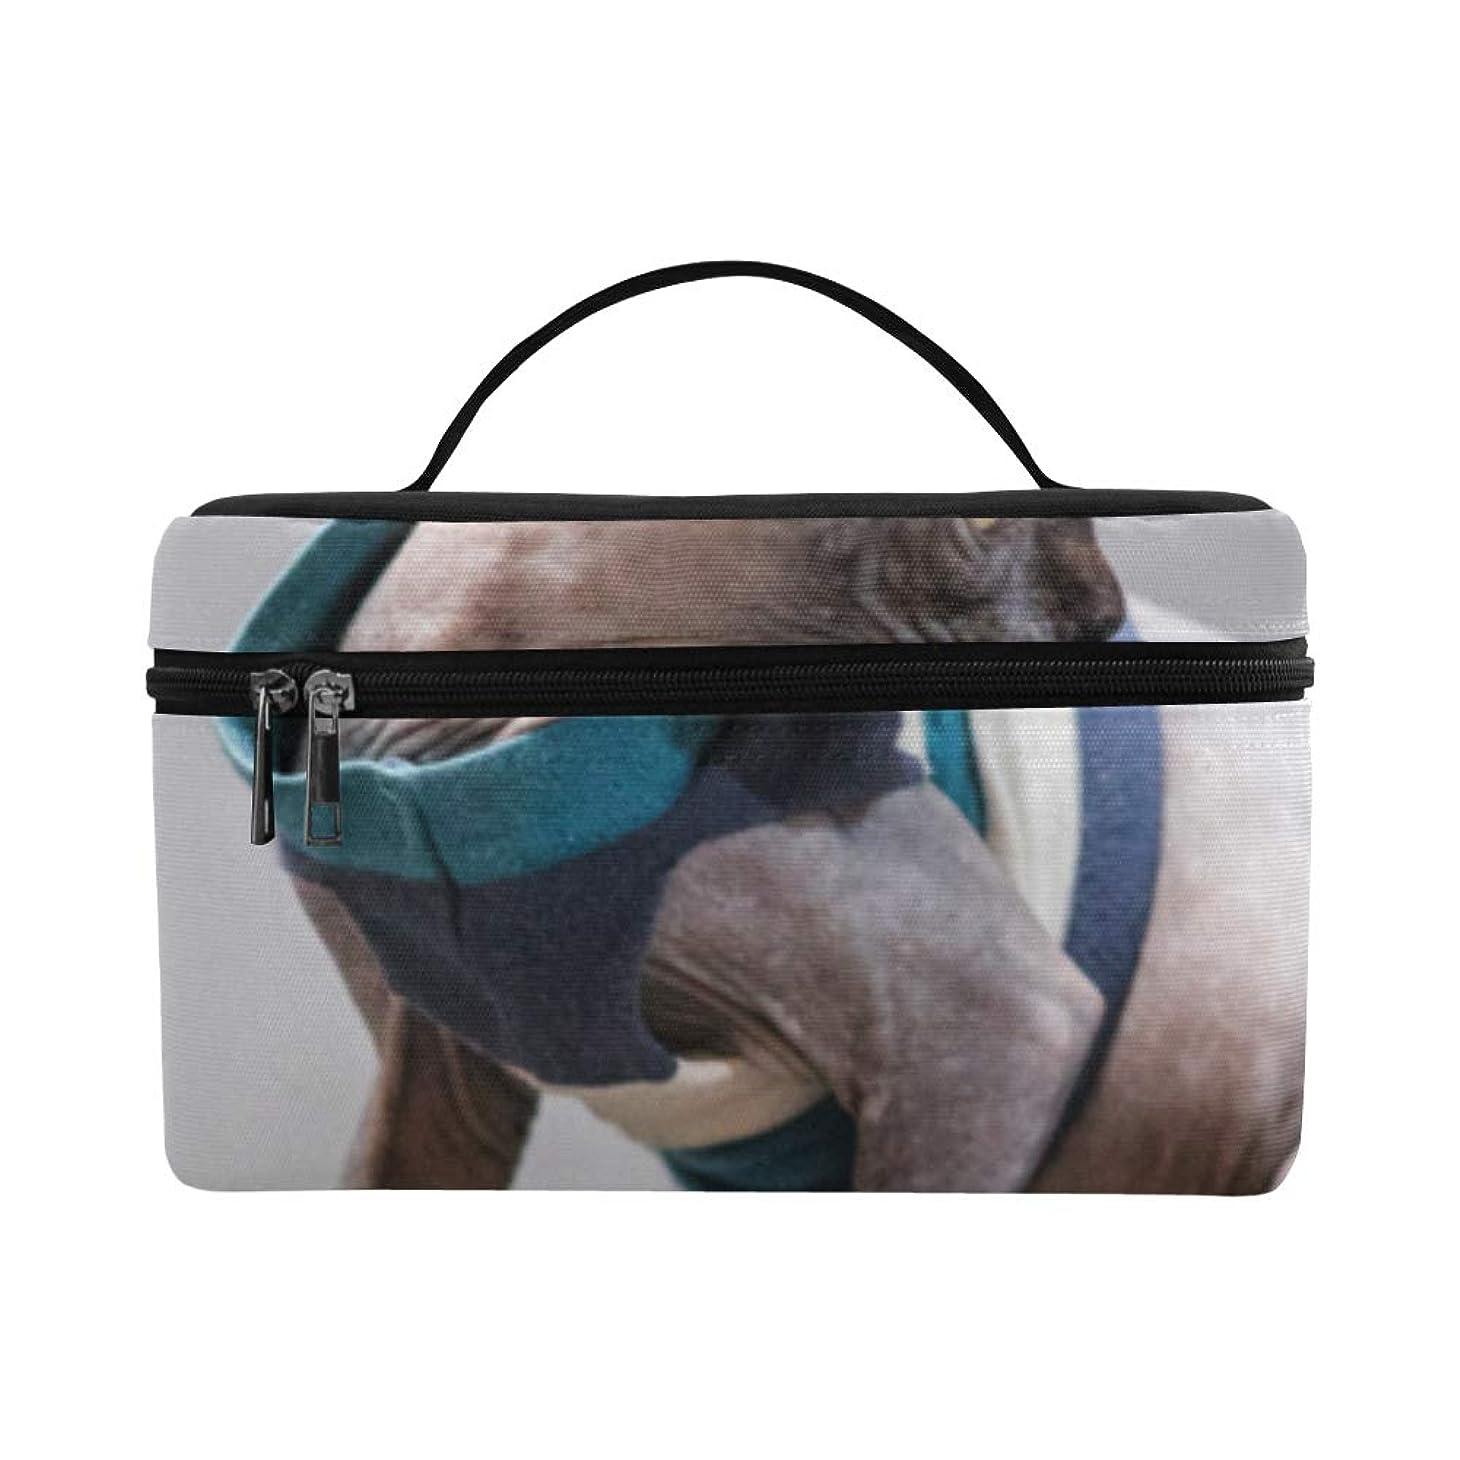 対応する手術画家CKYHYC メイクボックス すばやい スフィンクス猫 コスメ収納 化粧品収納ケース 大容量 収納ボックス 化粧品入れ 化粧バッグ 旅行用 メイクブラシバッグ 化粧箱 持ち運び便利 プロ用